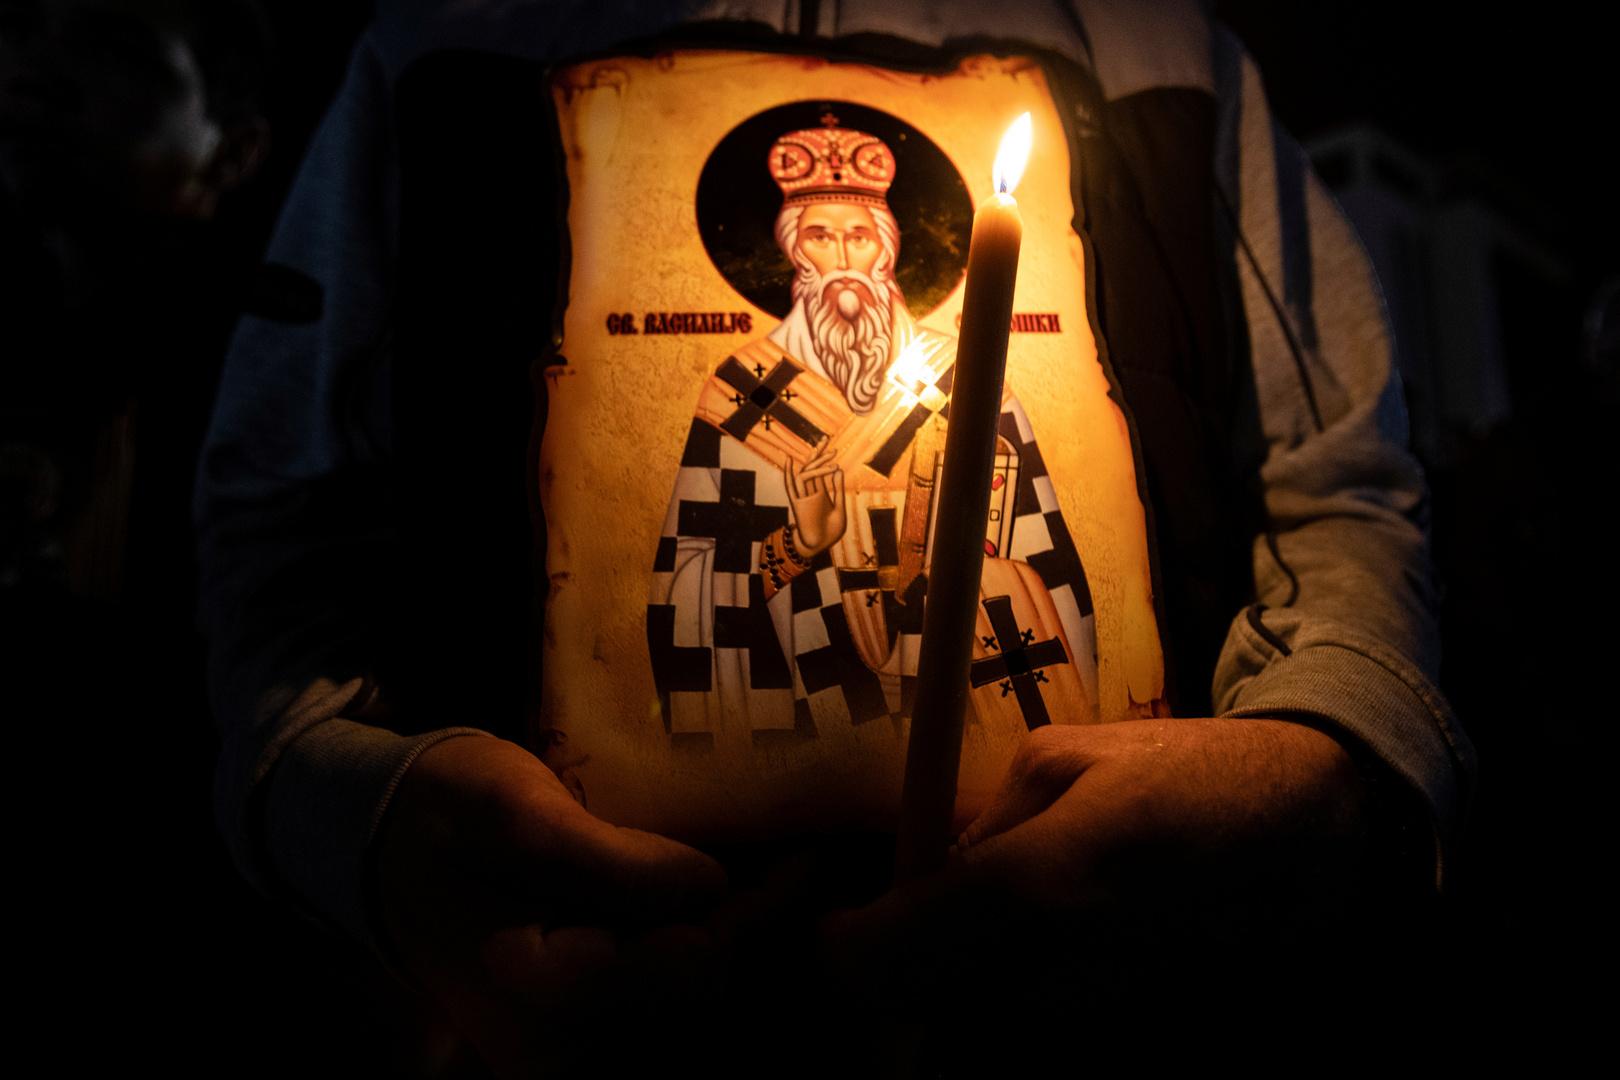 بسبب آيا صوفيا.. فتح تحقيقات جنائية مع كهنة مسيحيين في الجبل الأسود